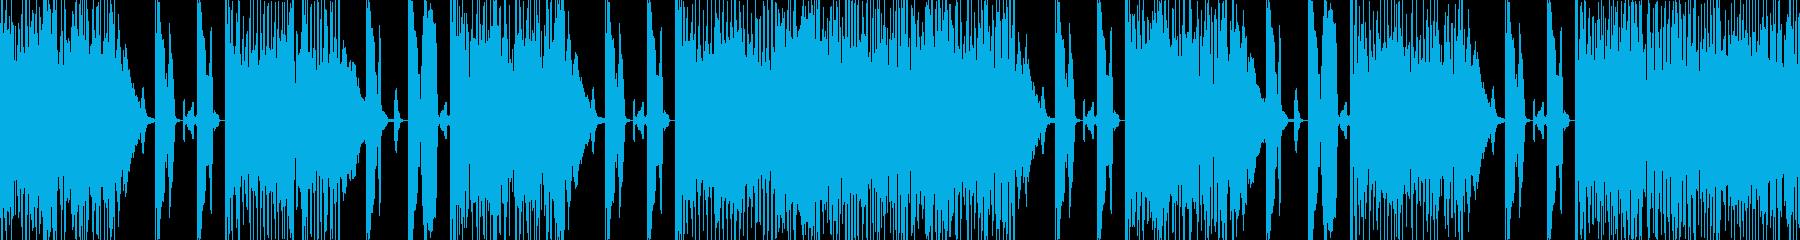 バトル前の再生済みの波形